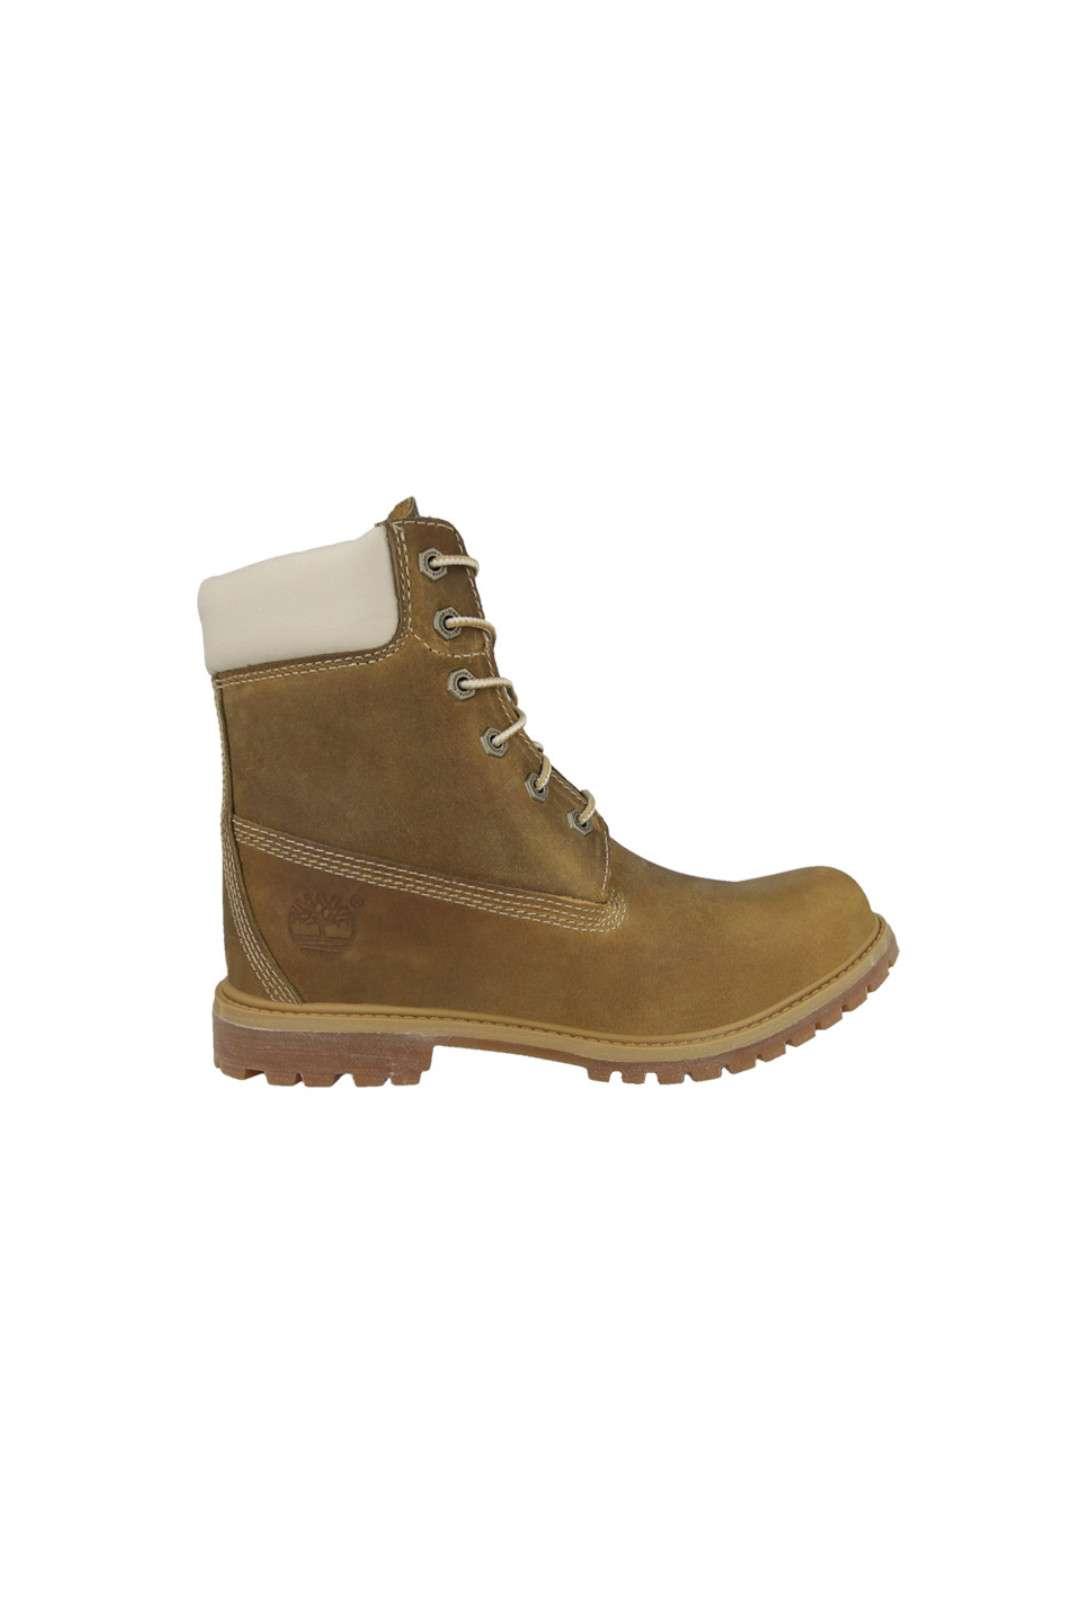 Boot classico in pieno stile Timberland, ideale per affrontare l'inverno con comodità.